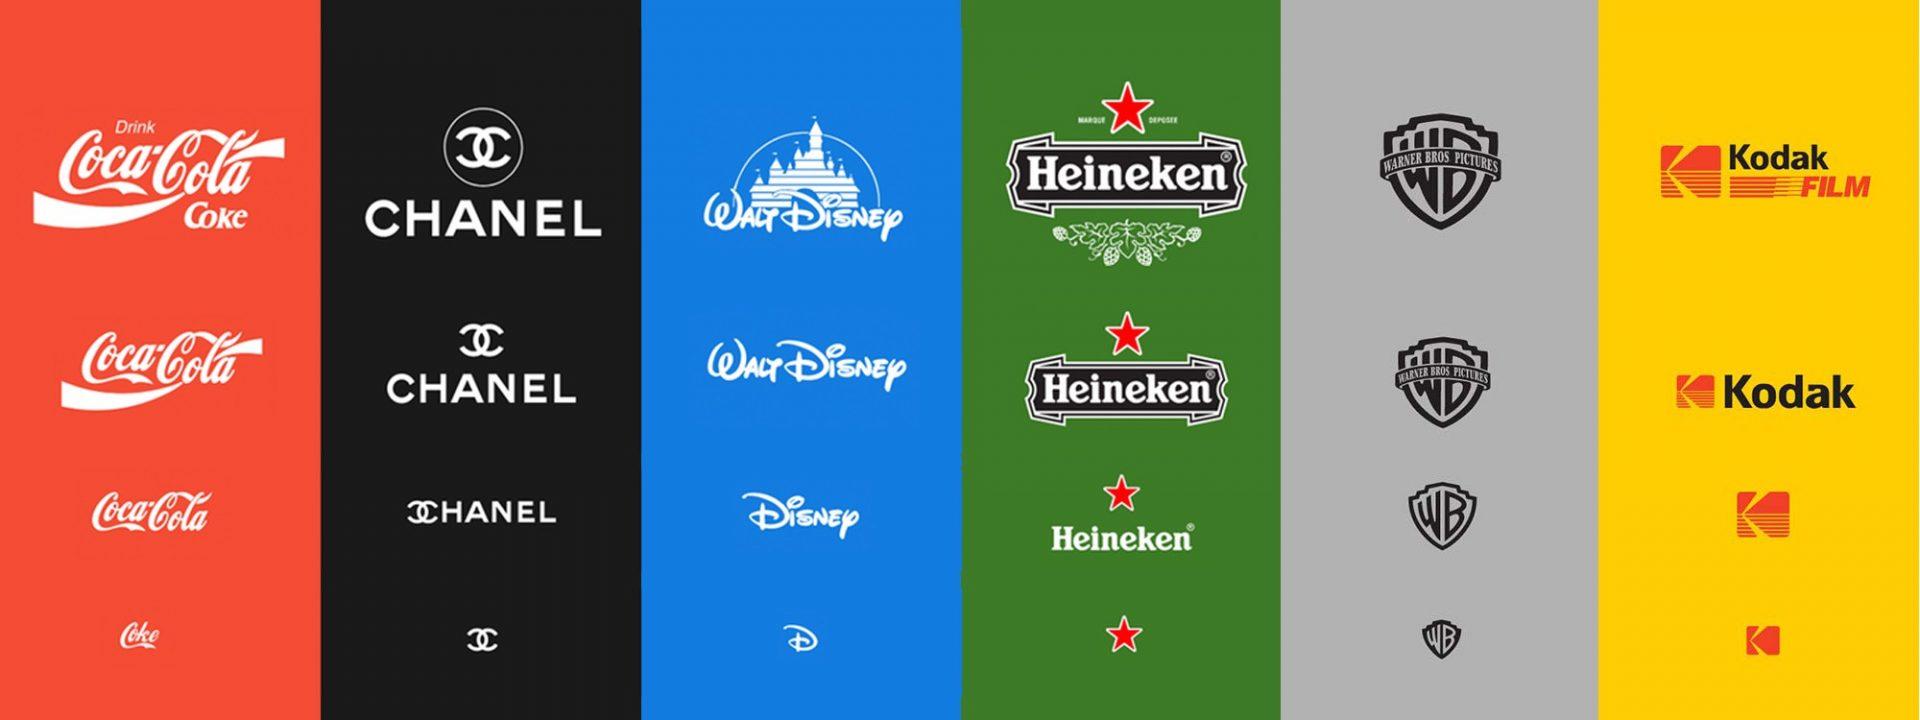 Logo Variation examples